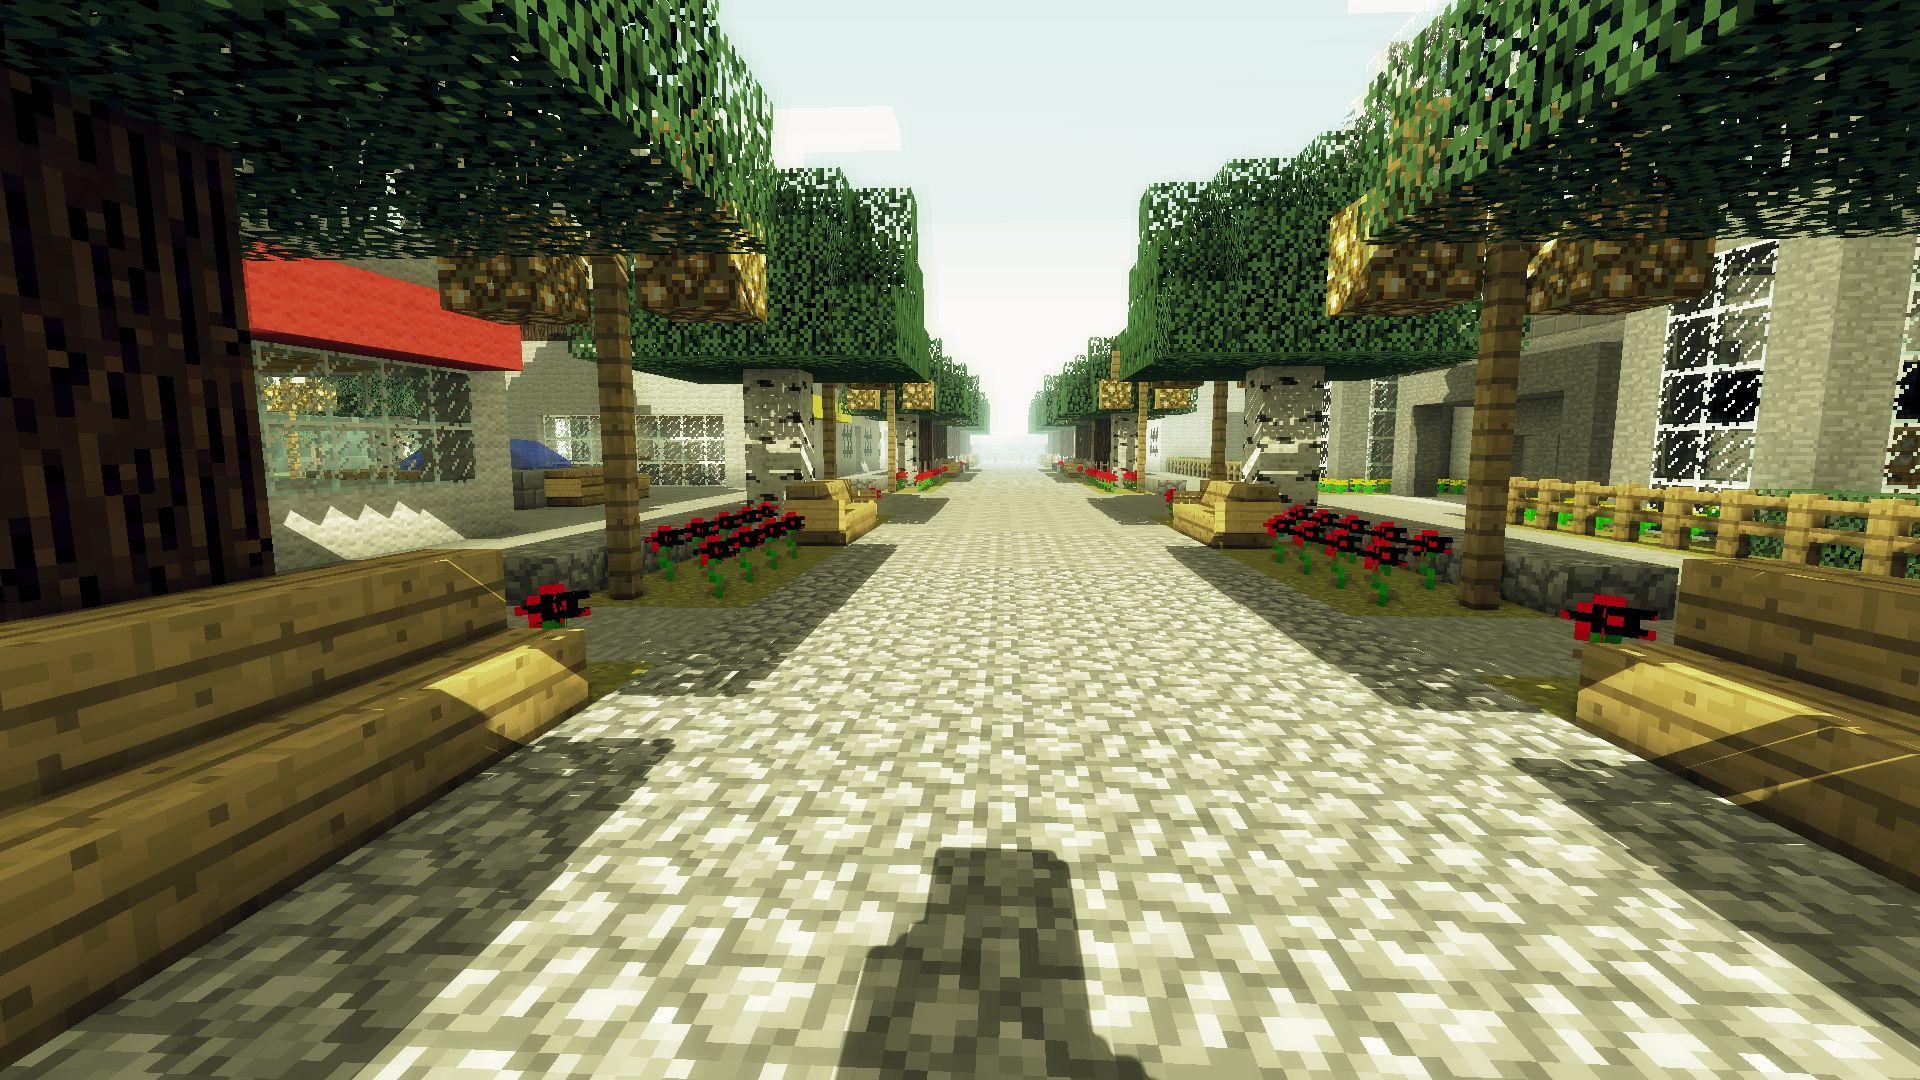 Minecraft unbelievable shaders doof mars - Minecraft bilder ...